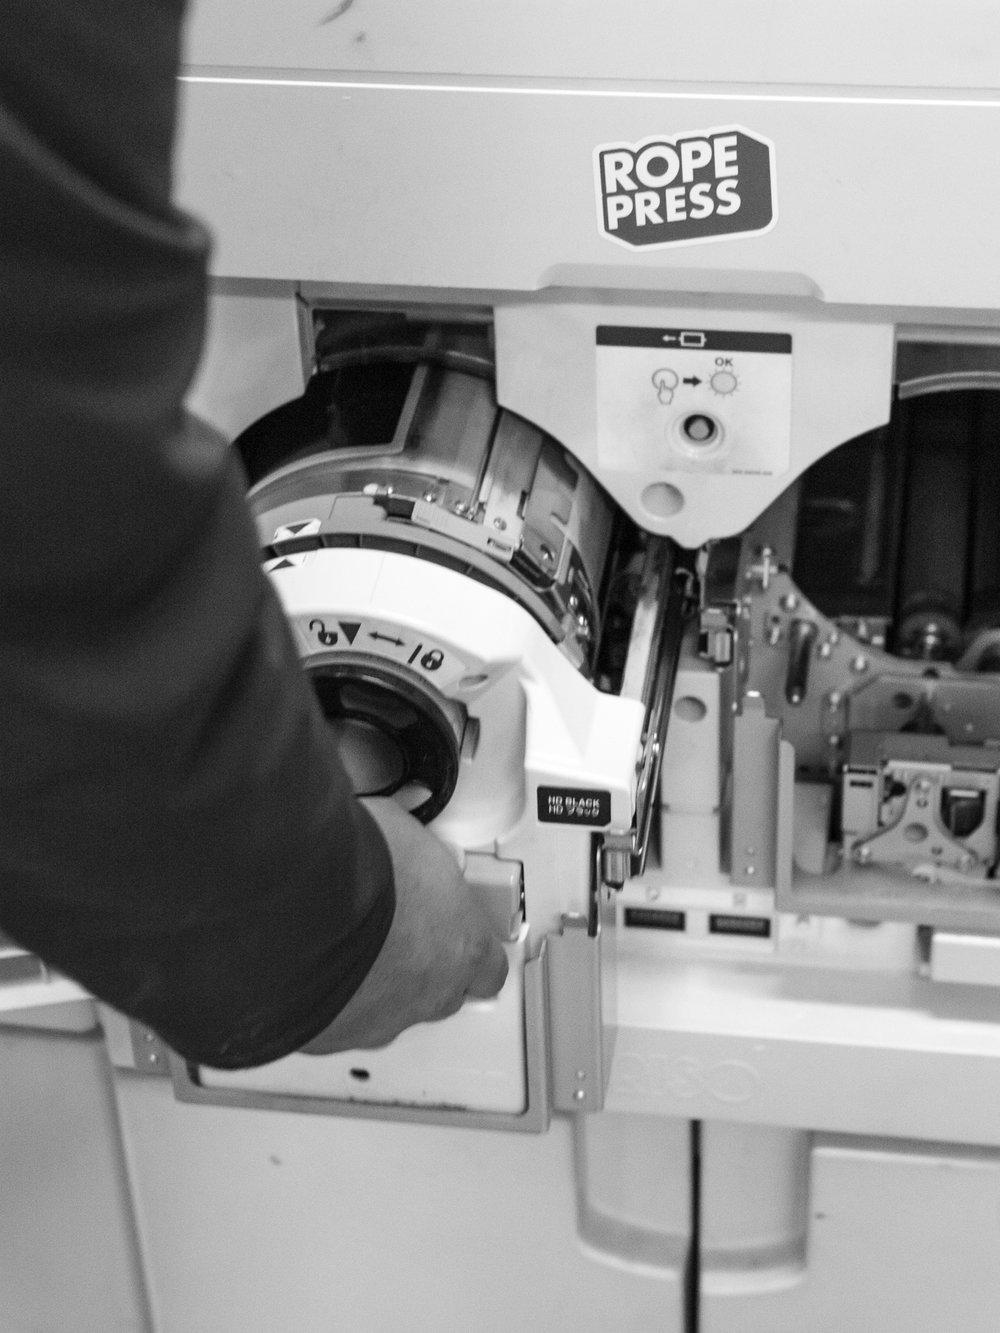 Mono_Printing Process_Rope Press-10.jpg